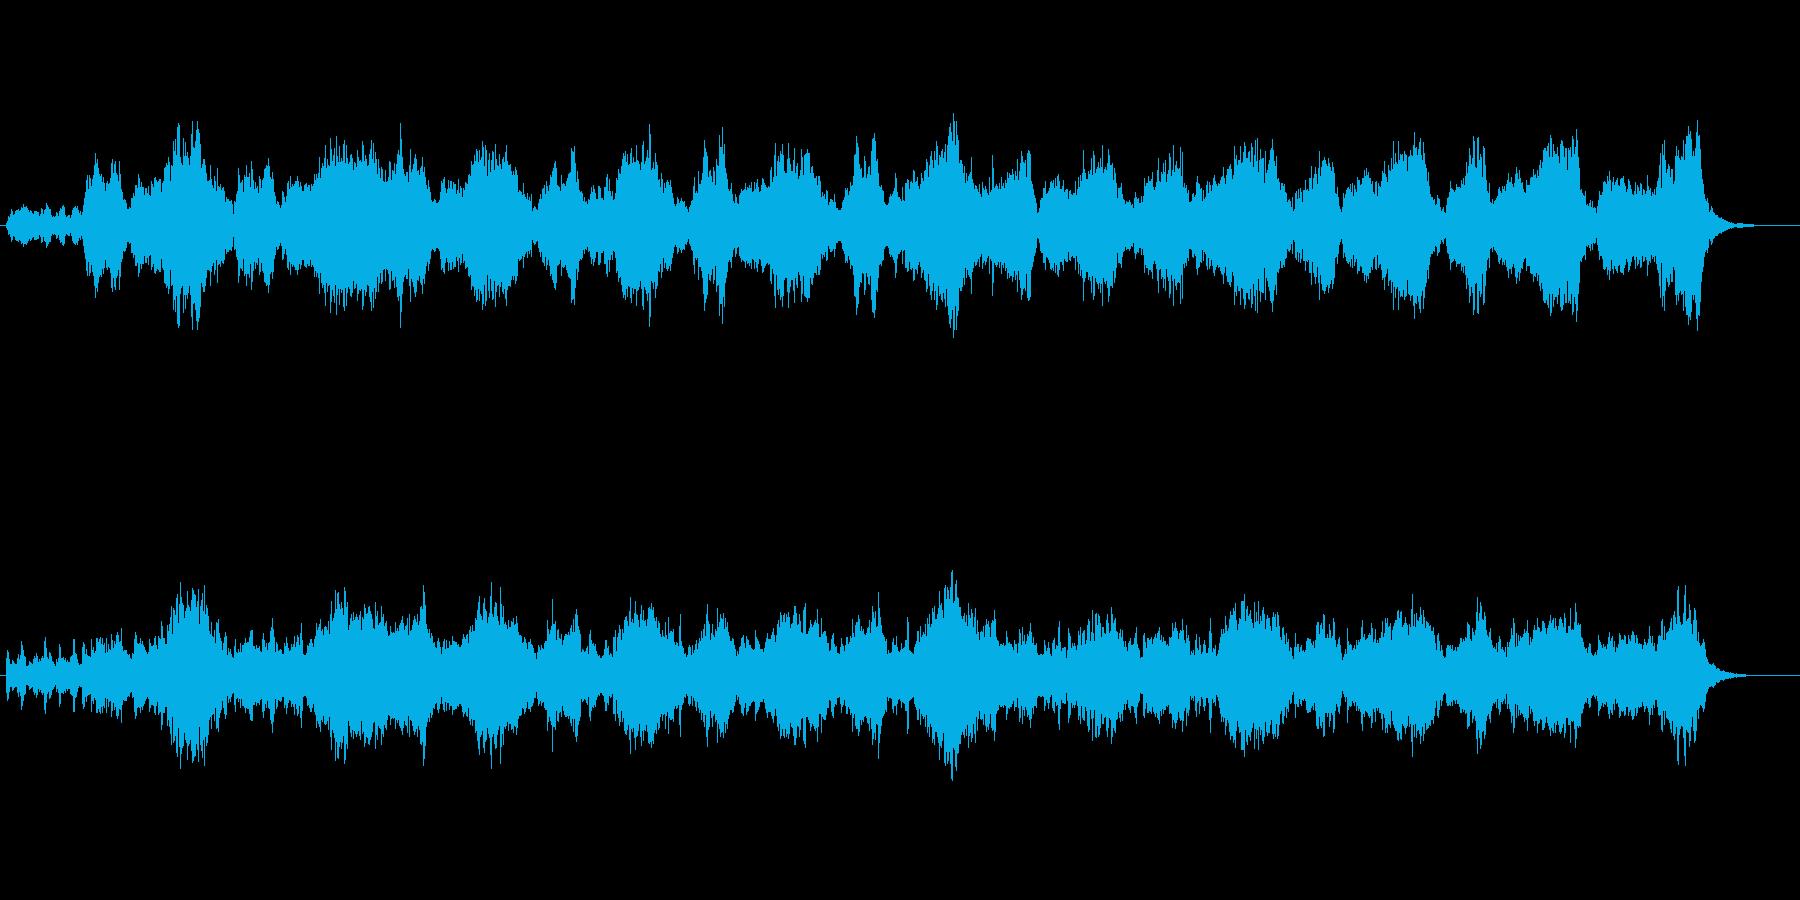 暗黒面、闇の深淵を描いたストリングス曲の再生済みの波形